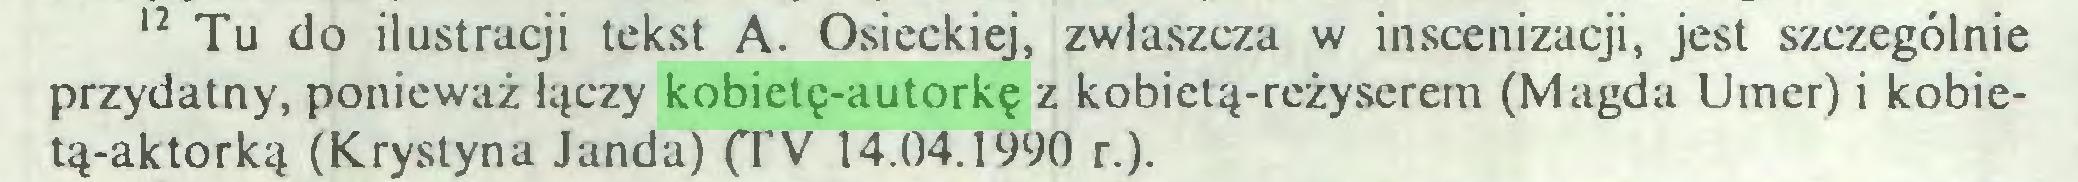 (...) 12 Tu do ilustracji tekst A. Osieckiej, zwłaszcza w inscenizacji, jest szczególnie przydatny, ponieważ łączy kobietę-autorkę z kobictą-reżyscrcm (Magda Umer) i kobietą-aktorką (Krystyna Janda) (TV 14.04.1990 r.)...